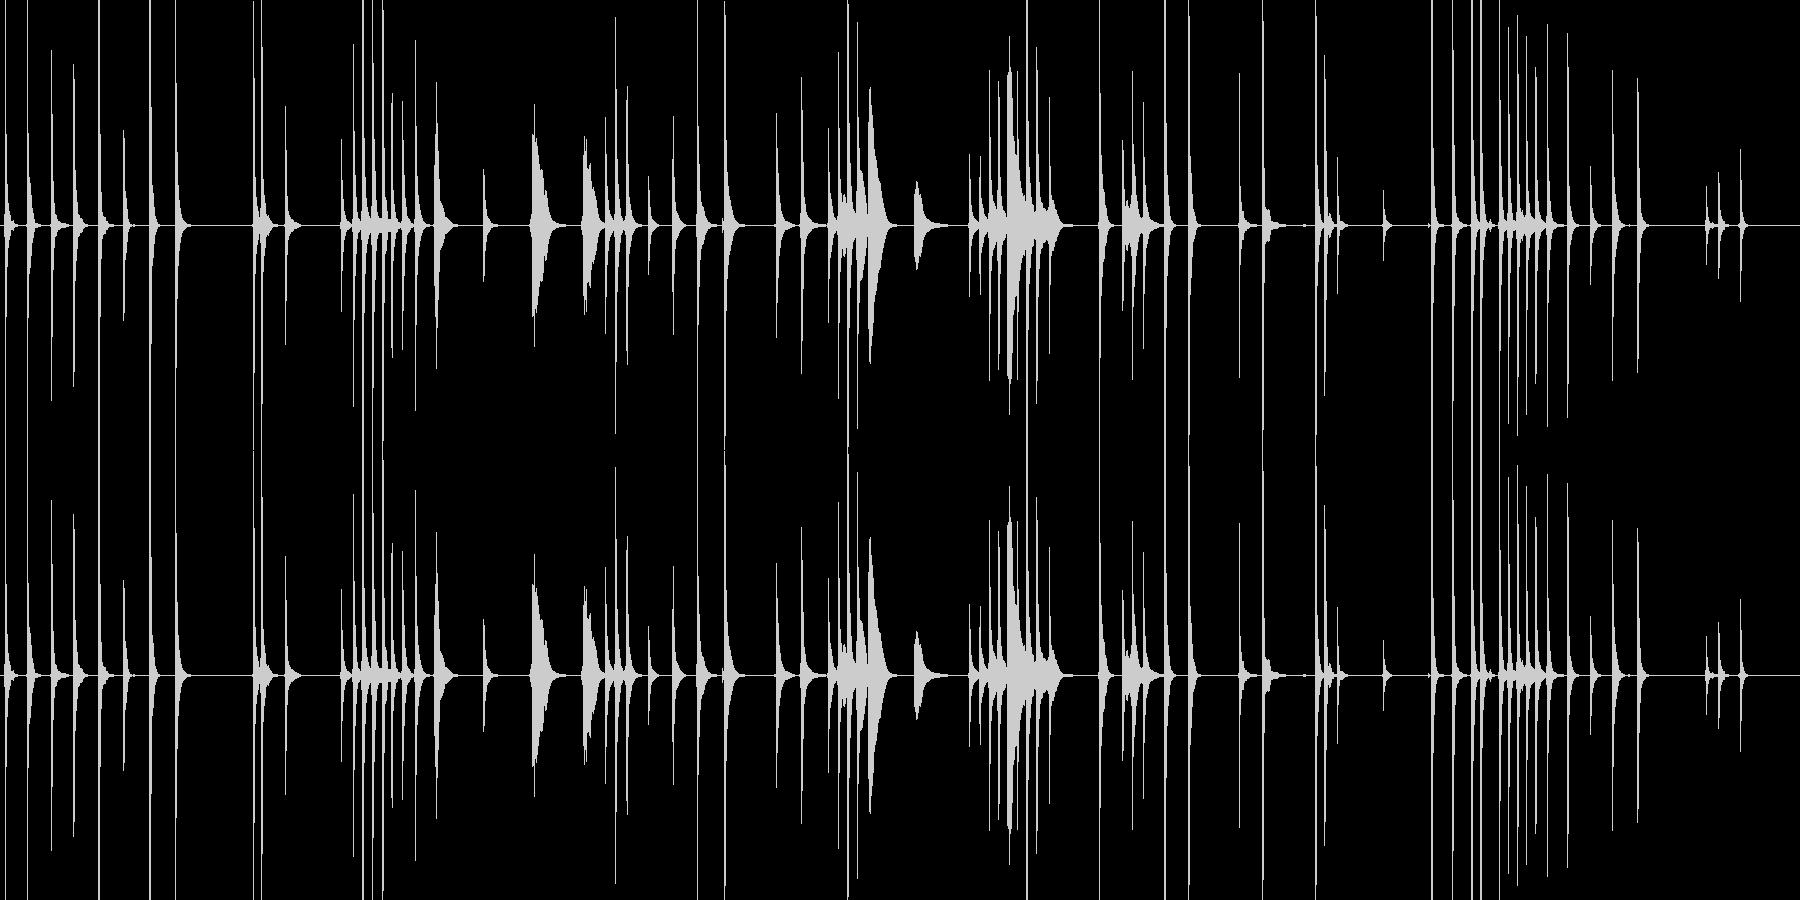 三味線132鷺娘30死ぬ合方長い方妖怪鷺の未再生の波形